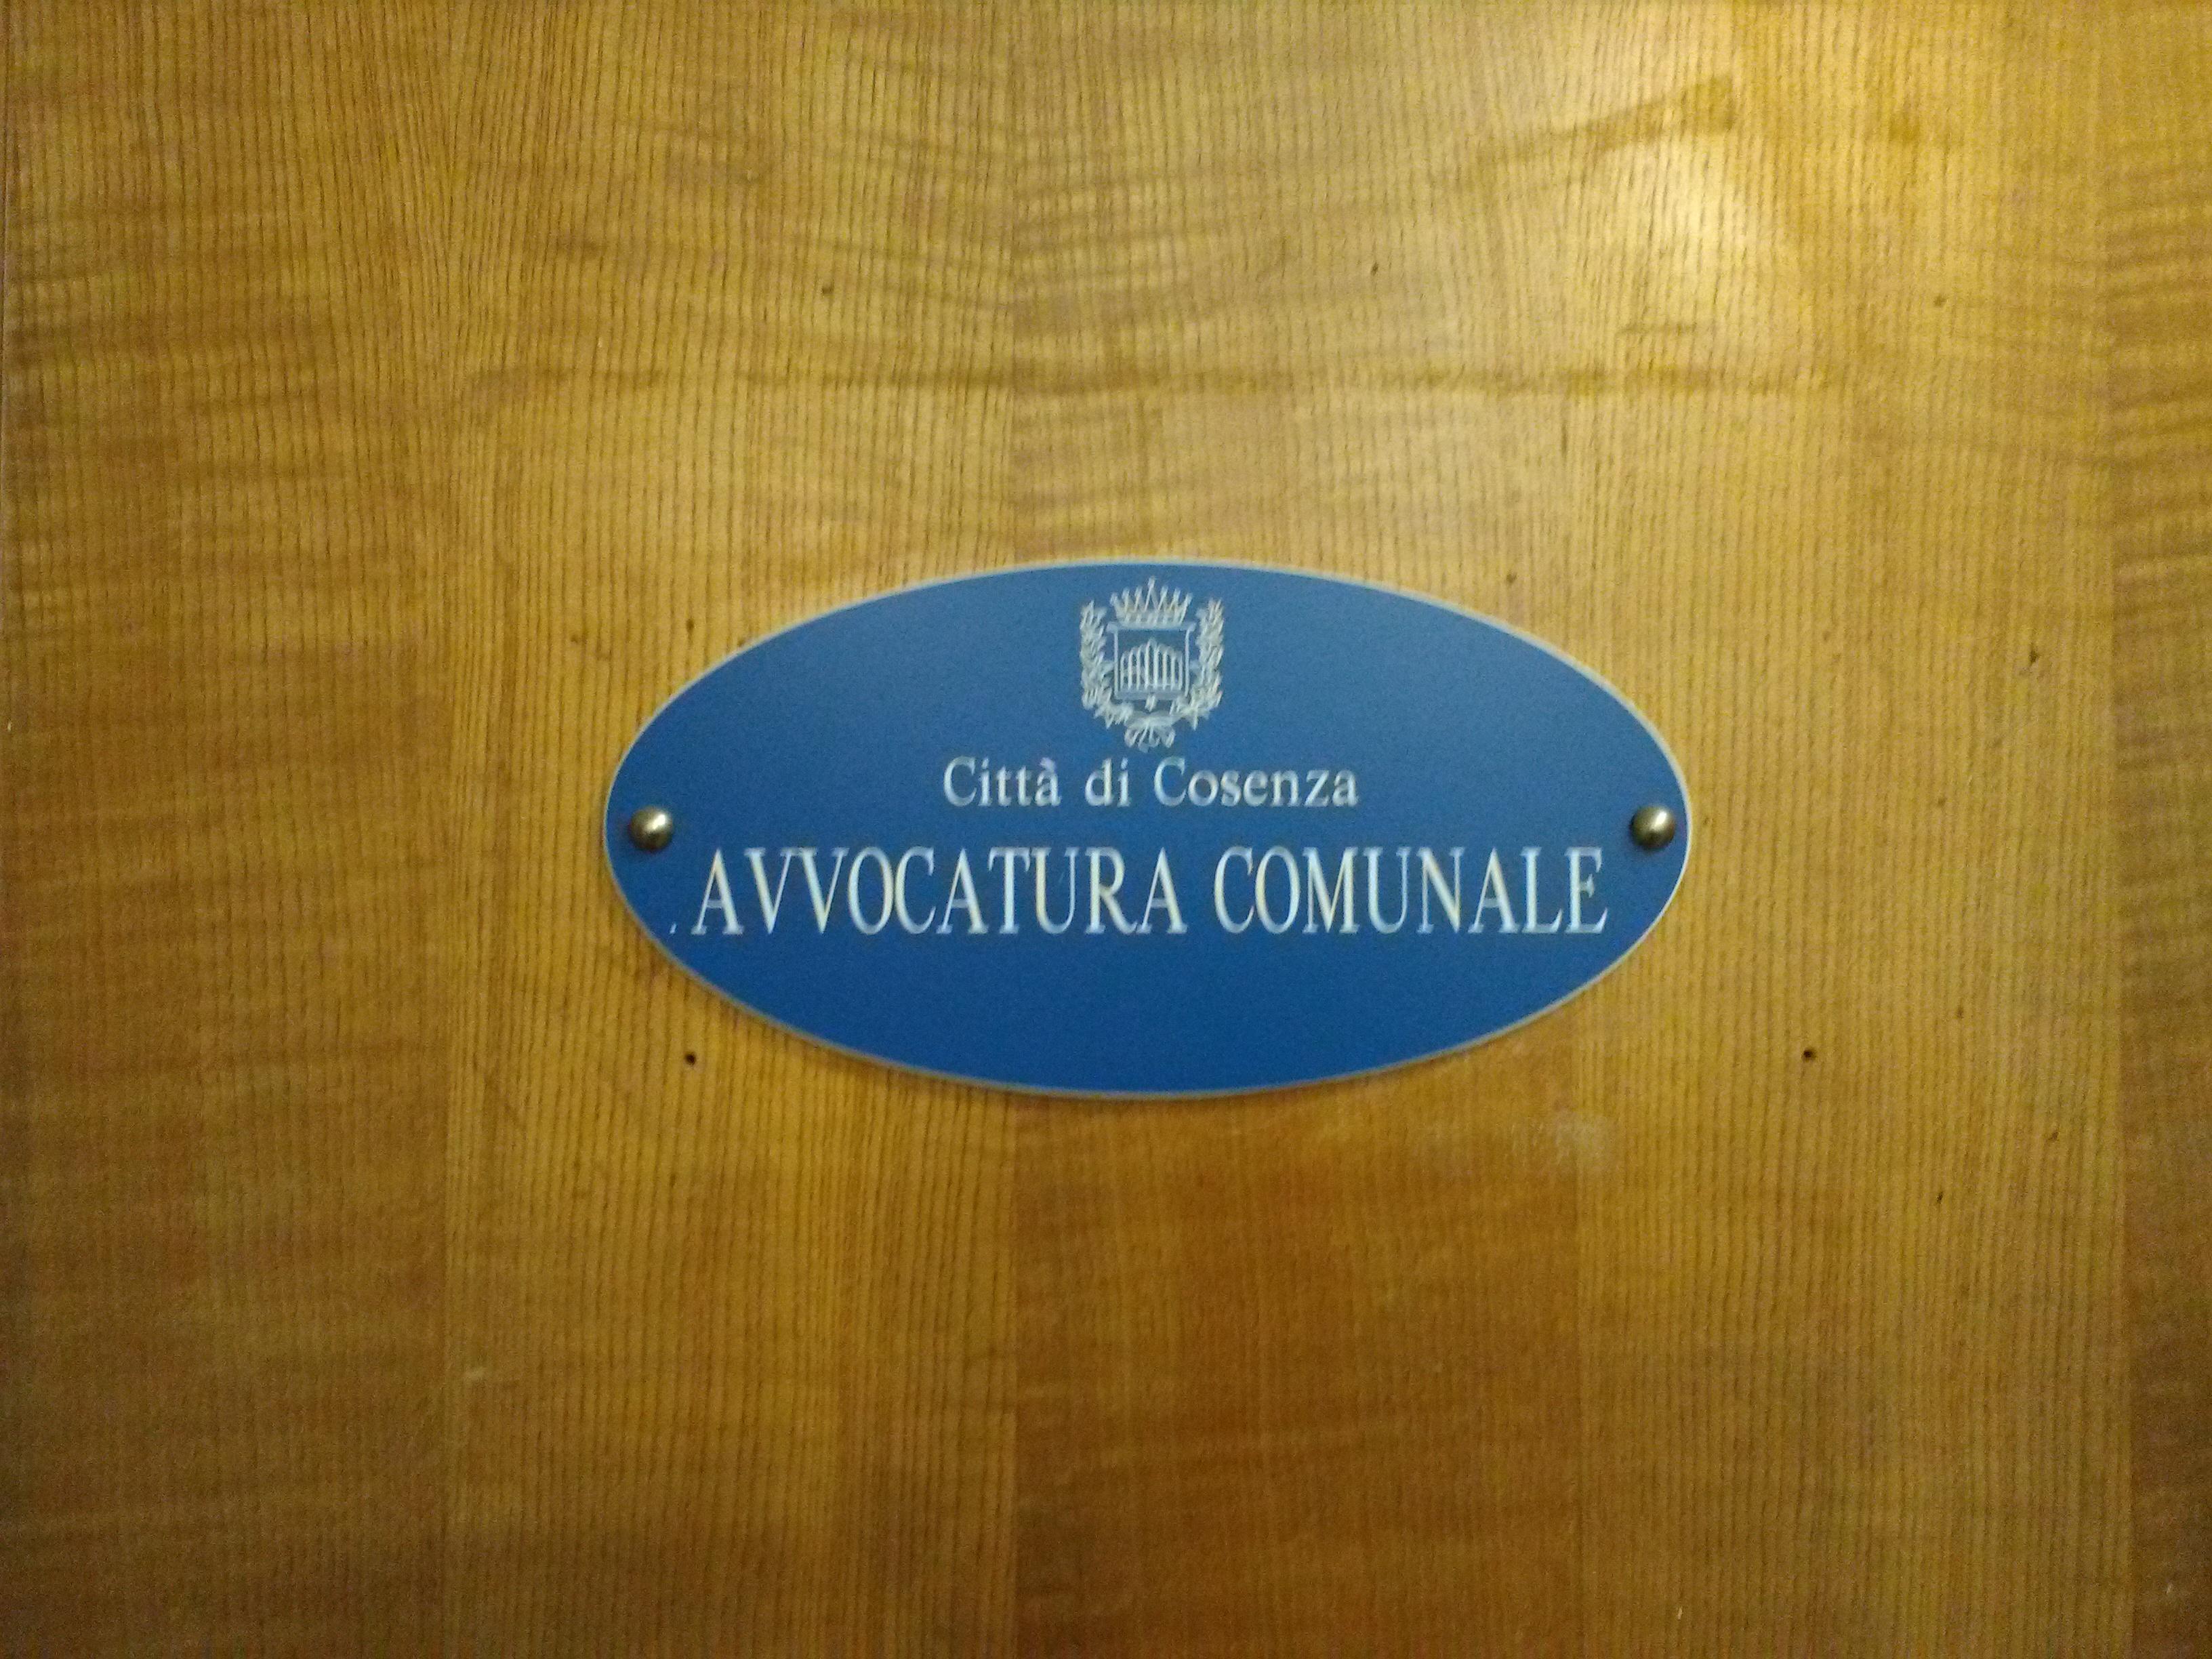 avvocatura comunale